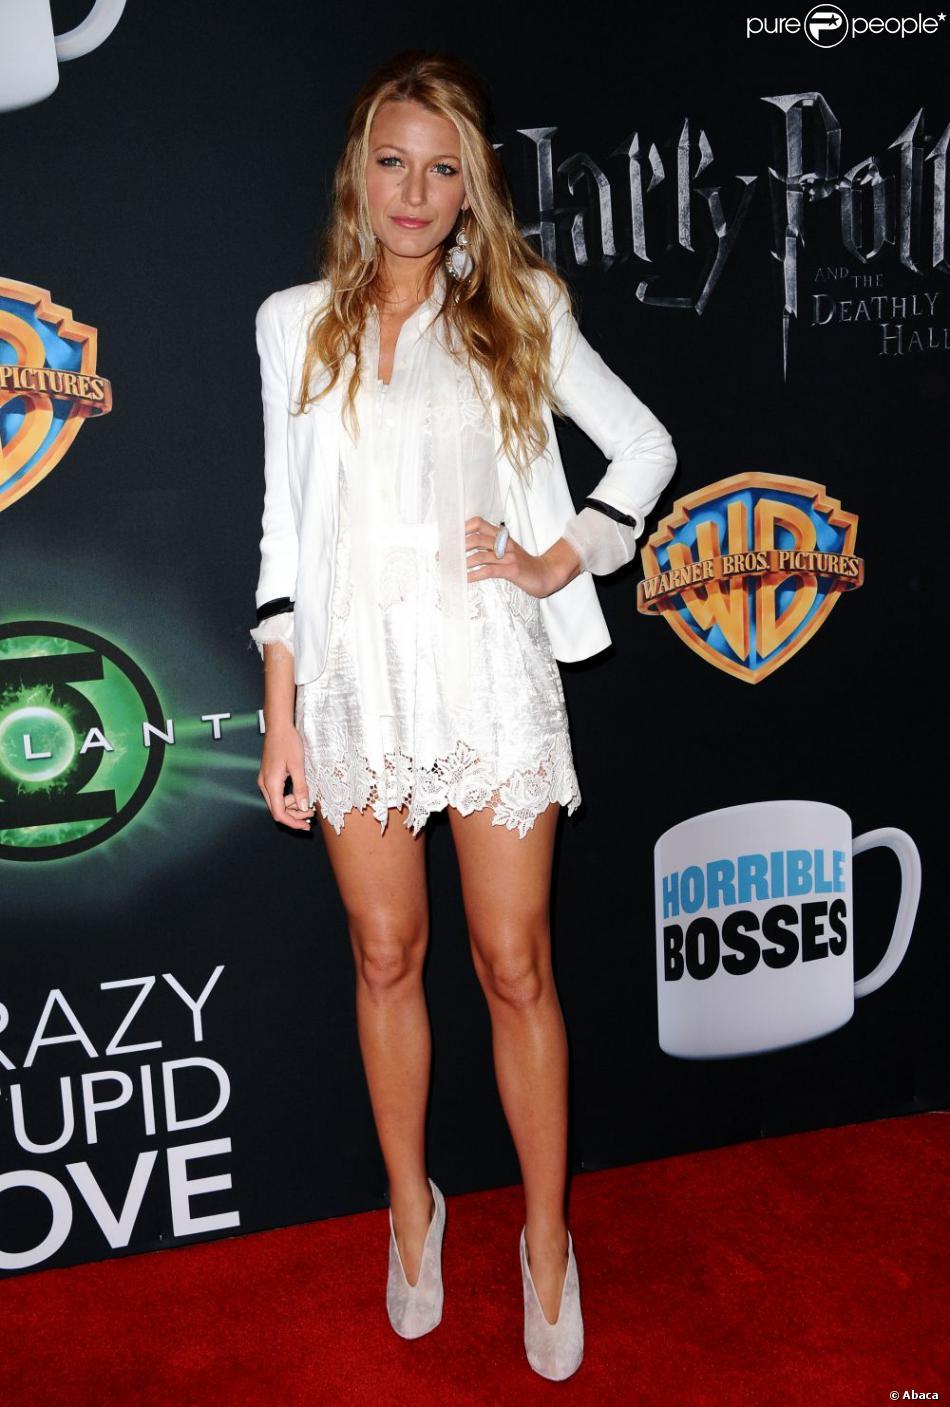 La comédienne Blake Lively et ses jambes interminables...